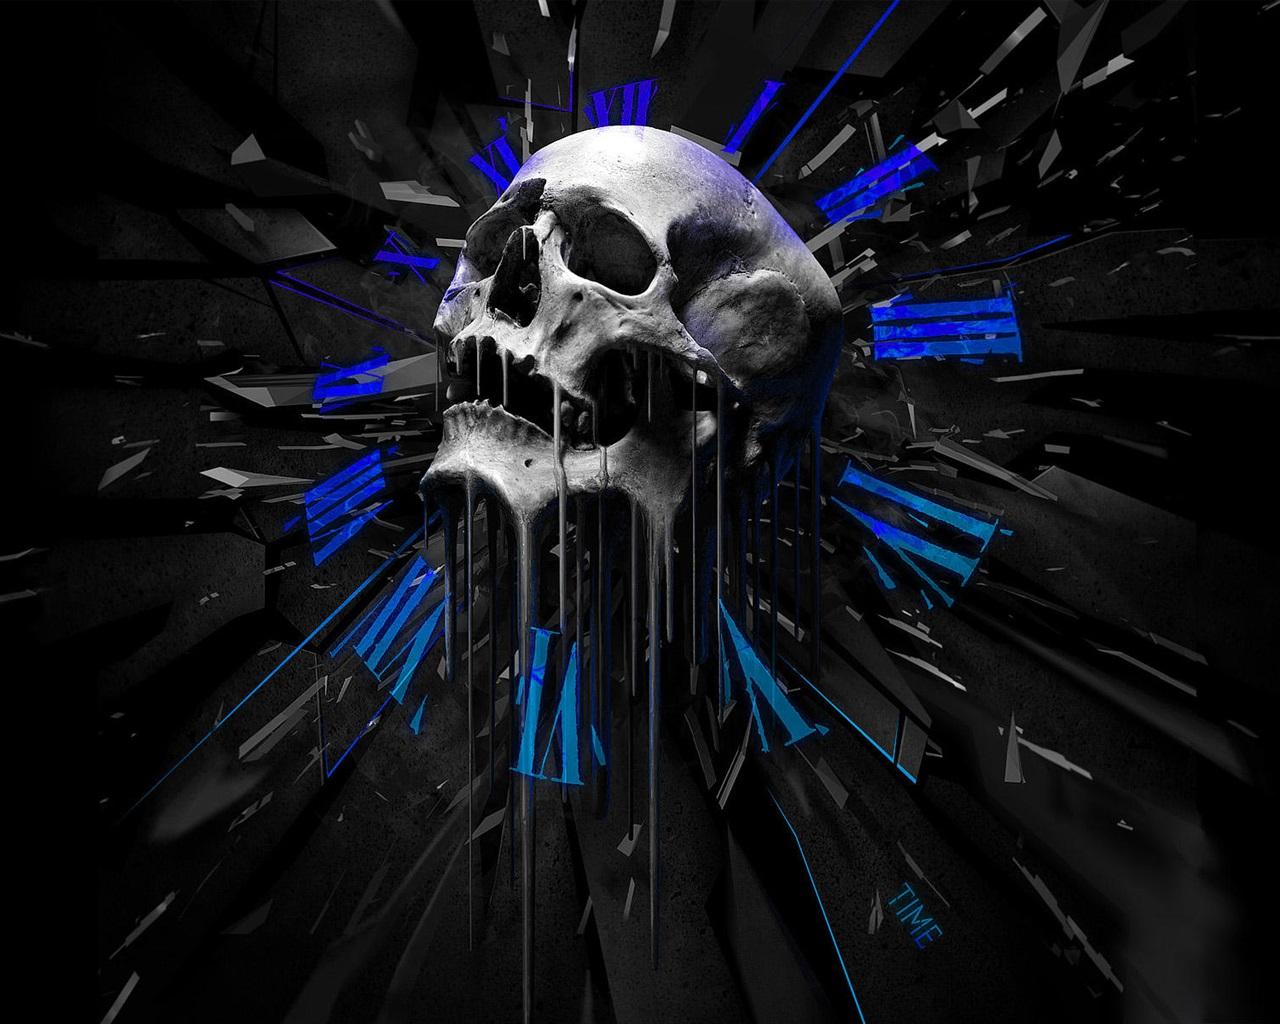 Wallpaper Skull Creative Design 1920x1200 Hd Picture Image